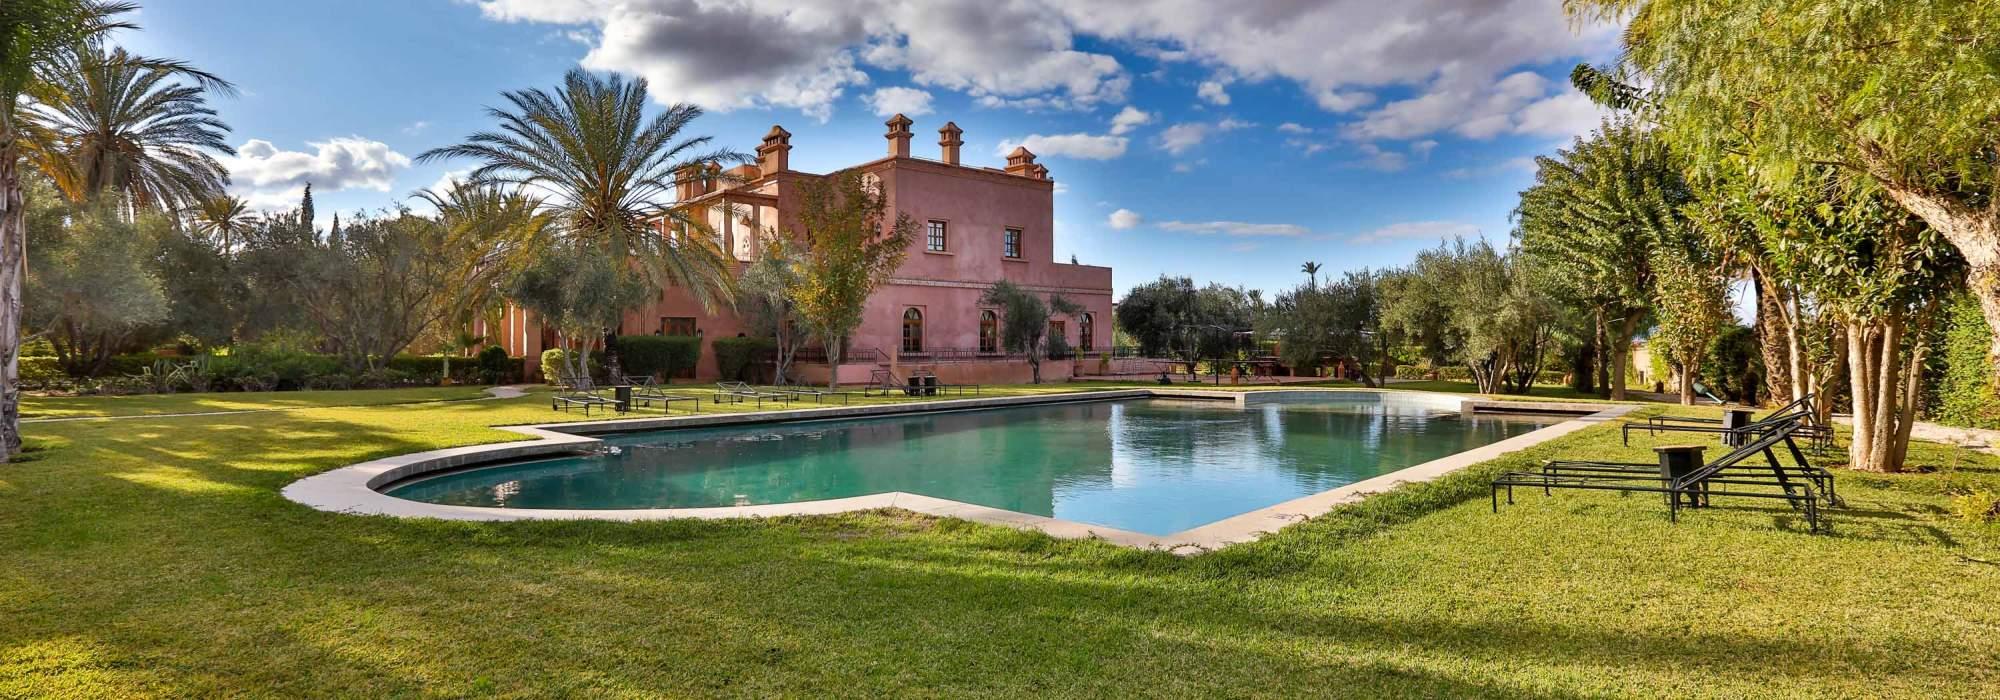 maison d hotes a vendre a la palmeraie marrakech